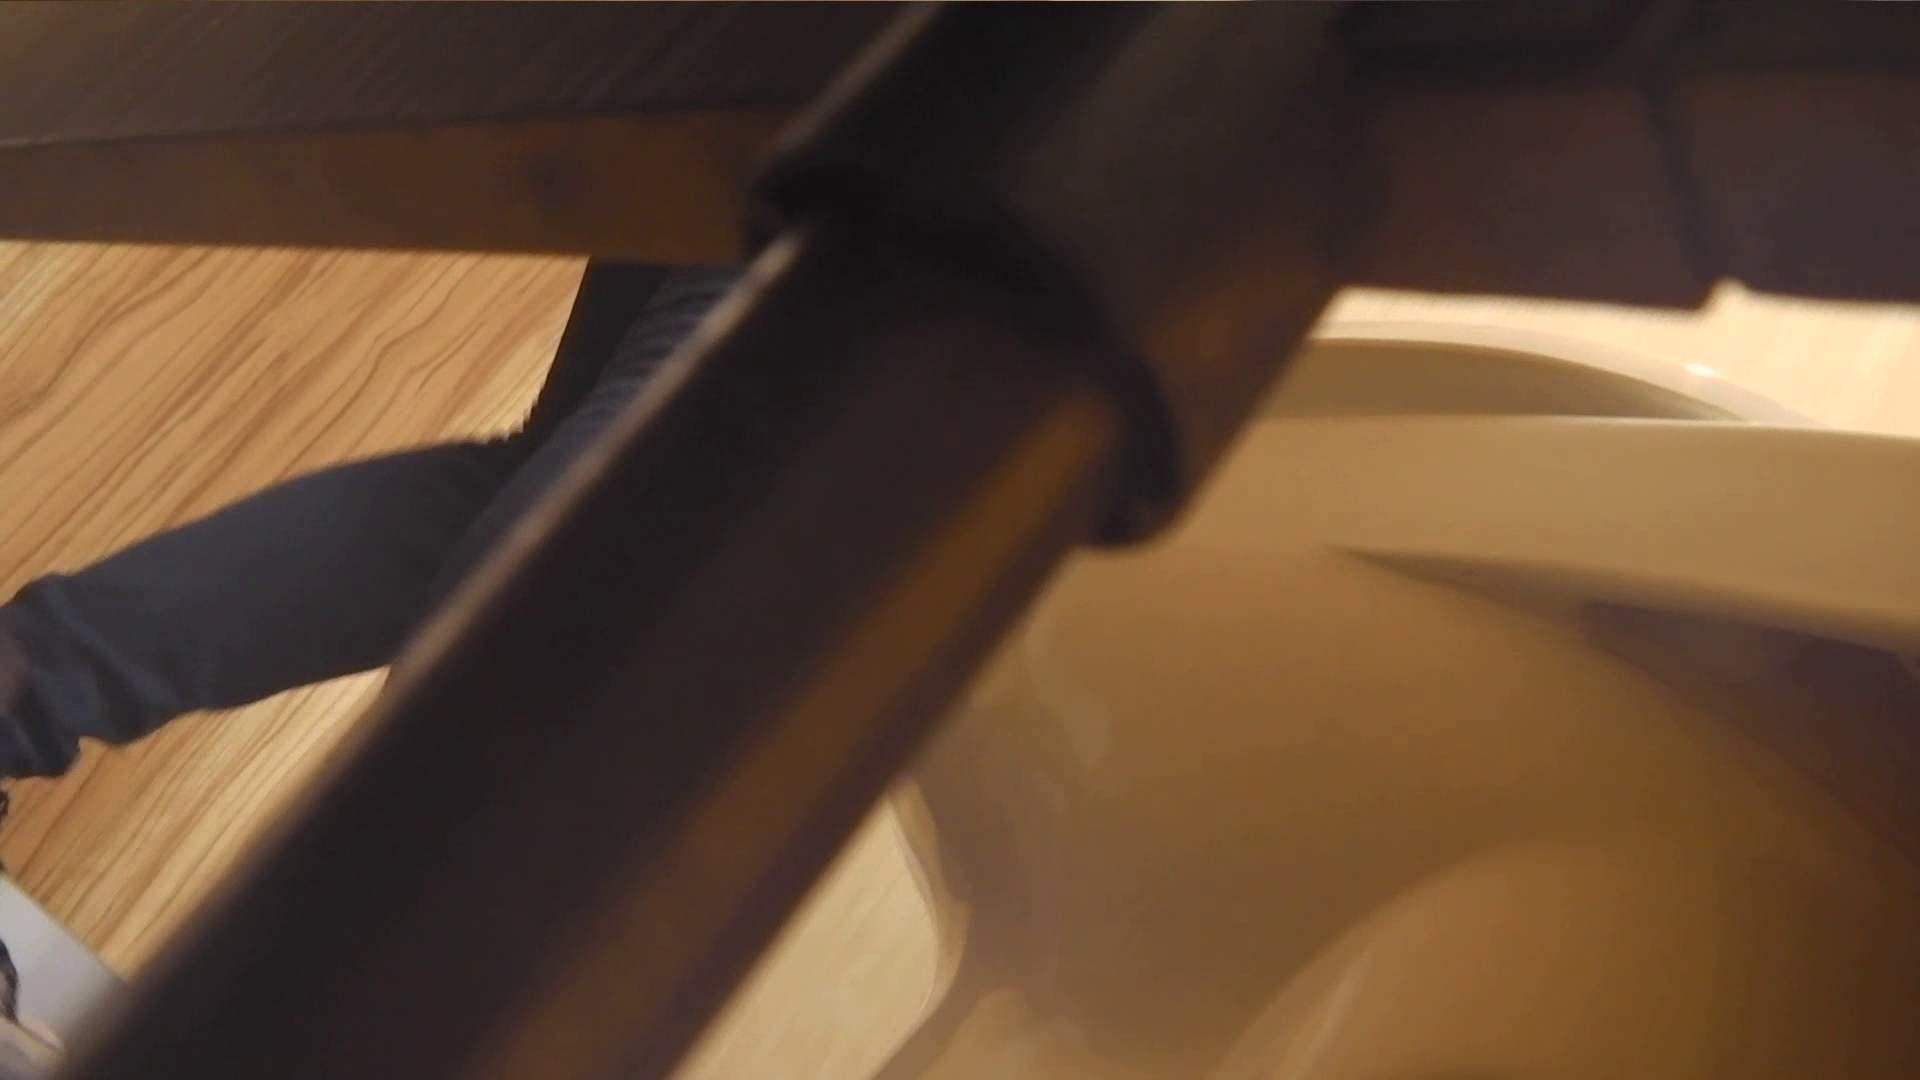 阿国ちゃんの「和式洋式七変化」No.15 洗面所 | 和式  90pic 87